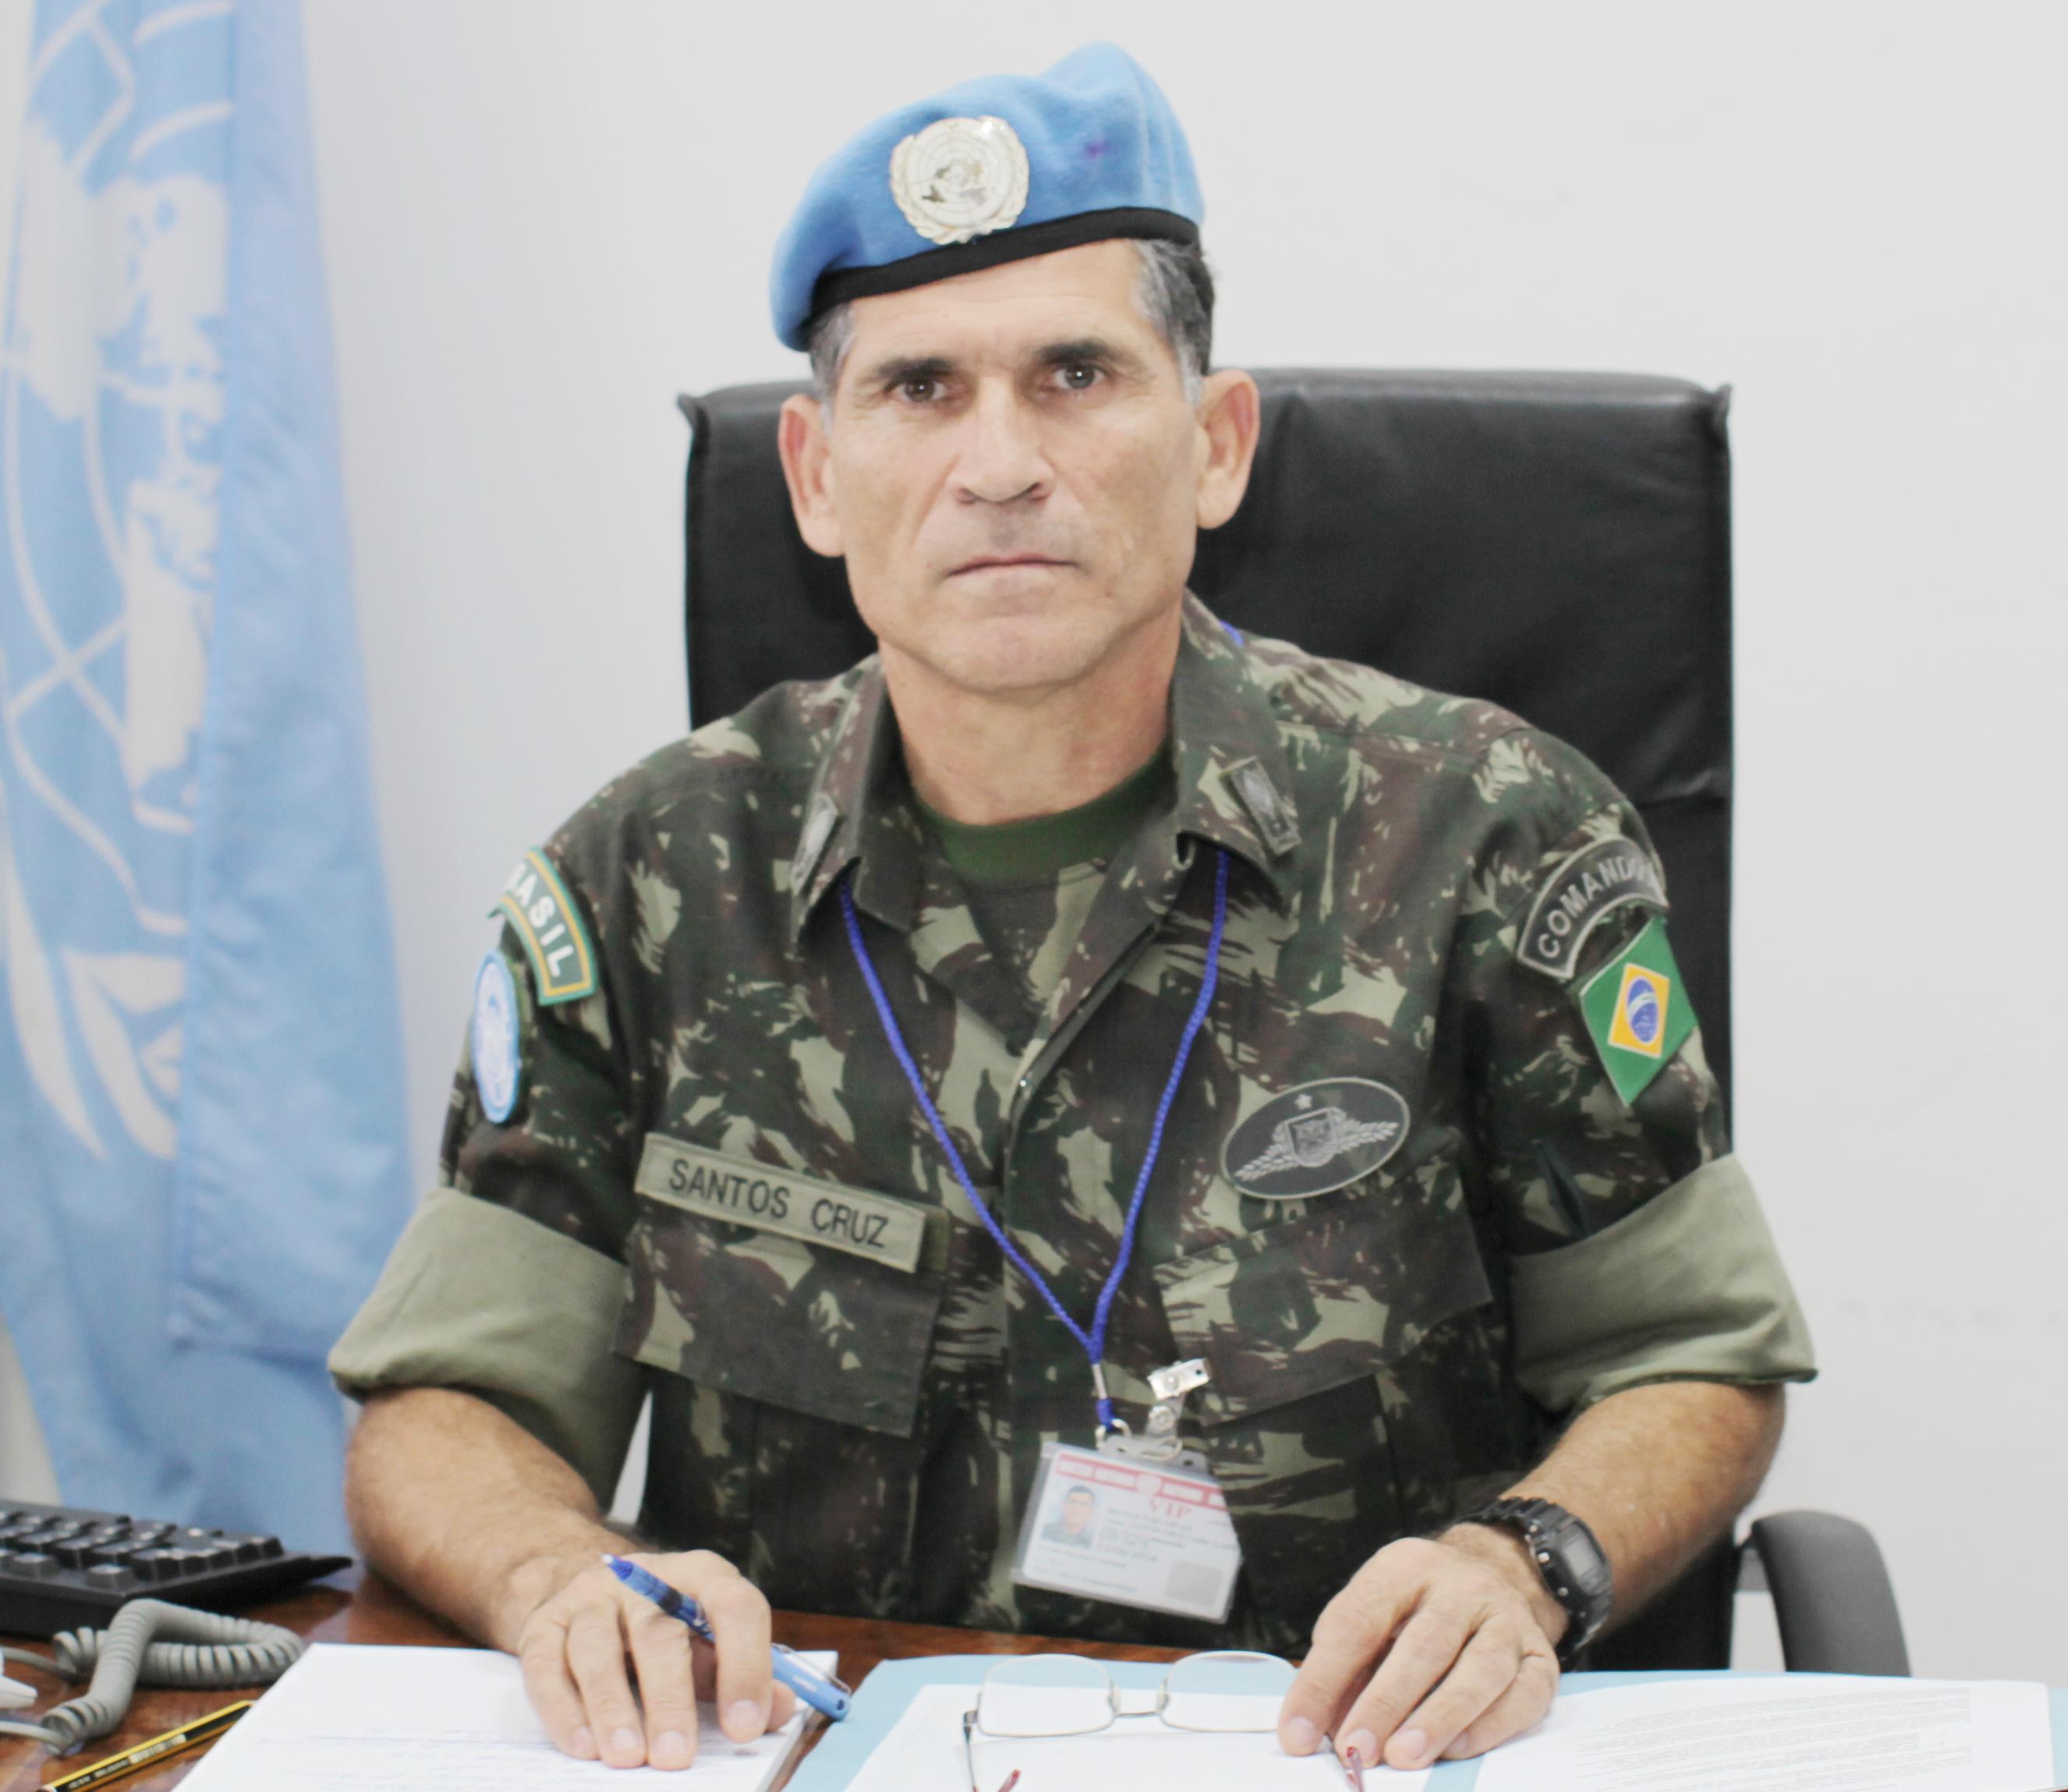 Clip: General Carlos Alberto dos Santos Cruz na ONU